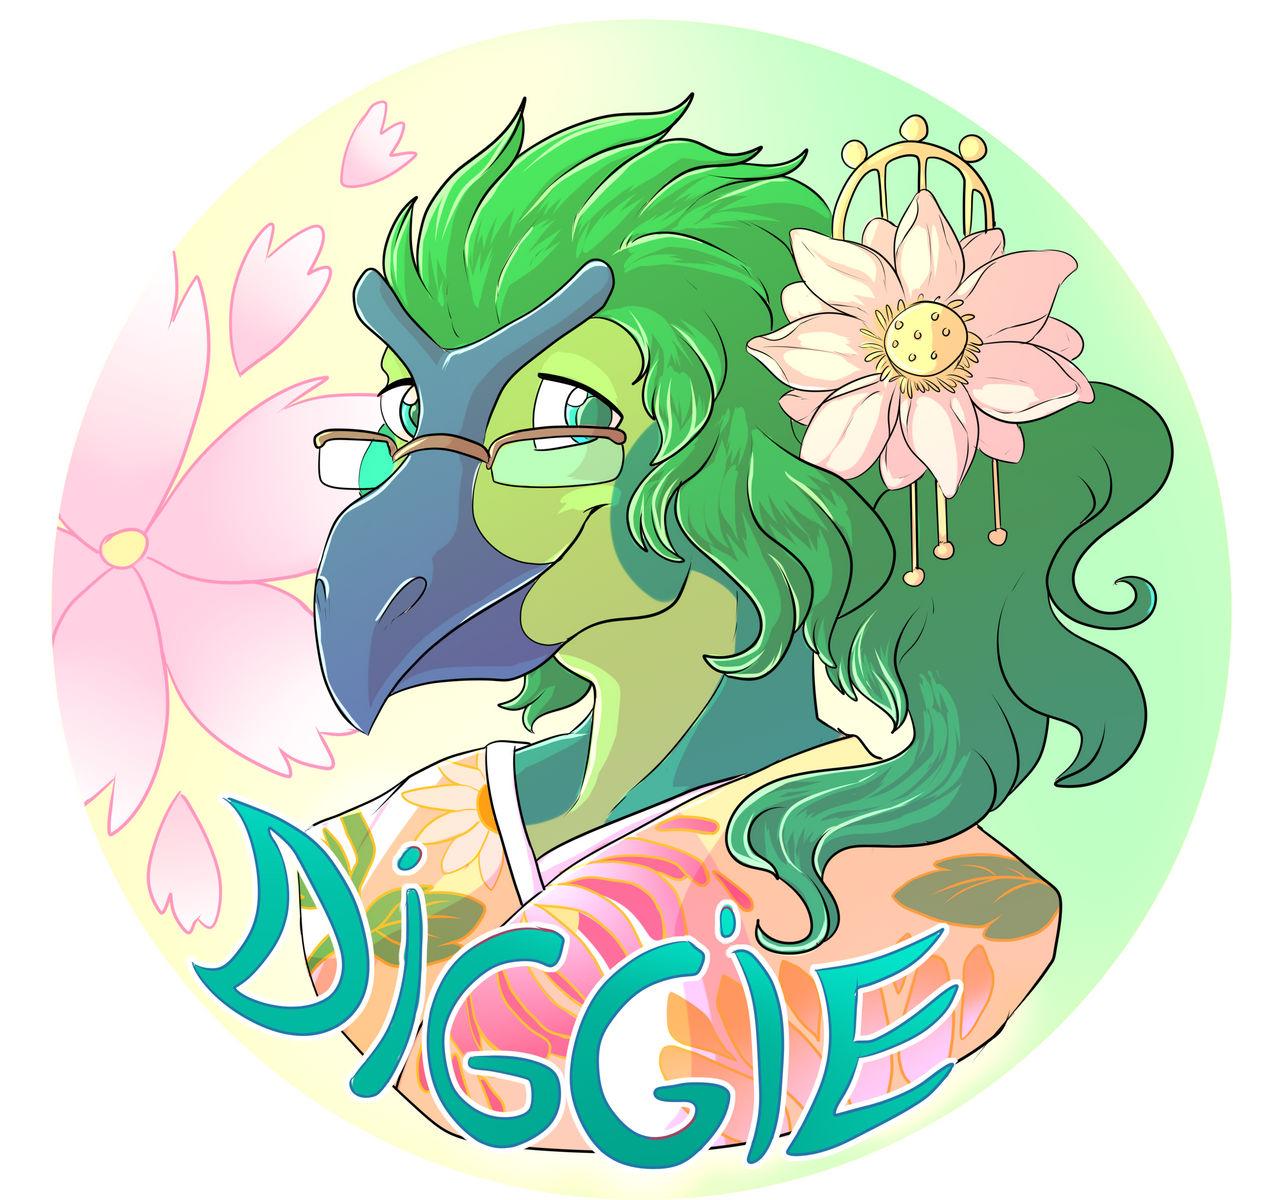 .:Diggie Badge:.